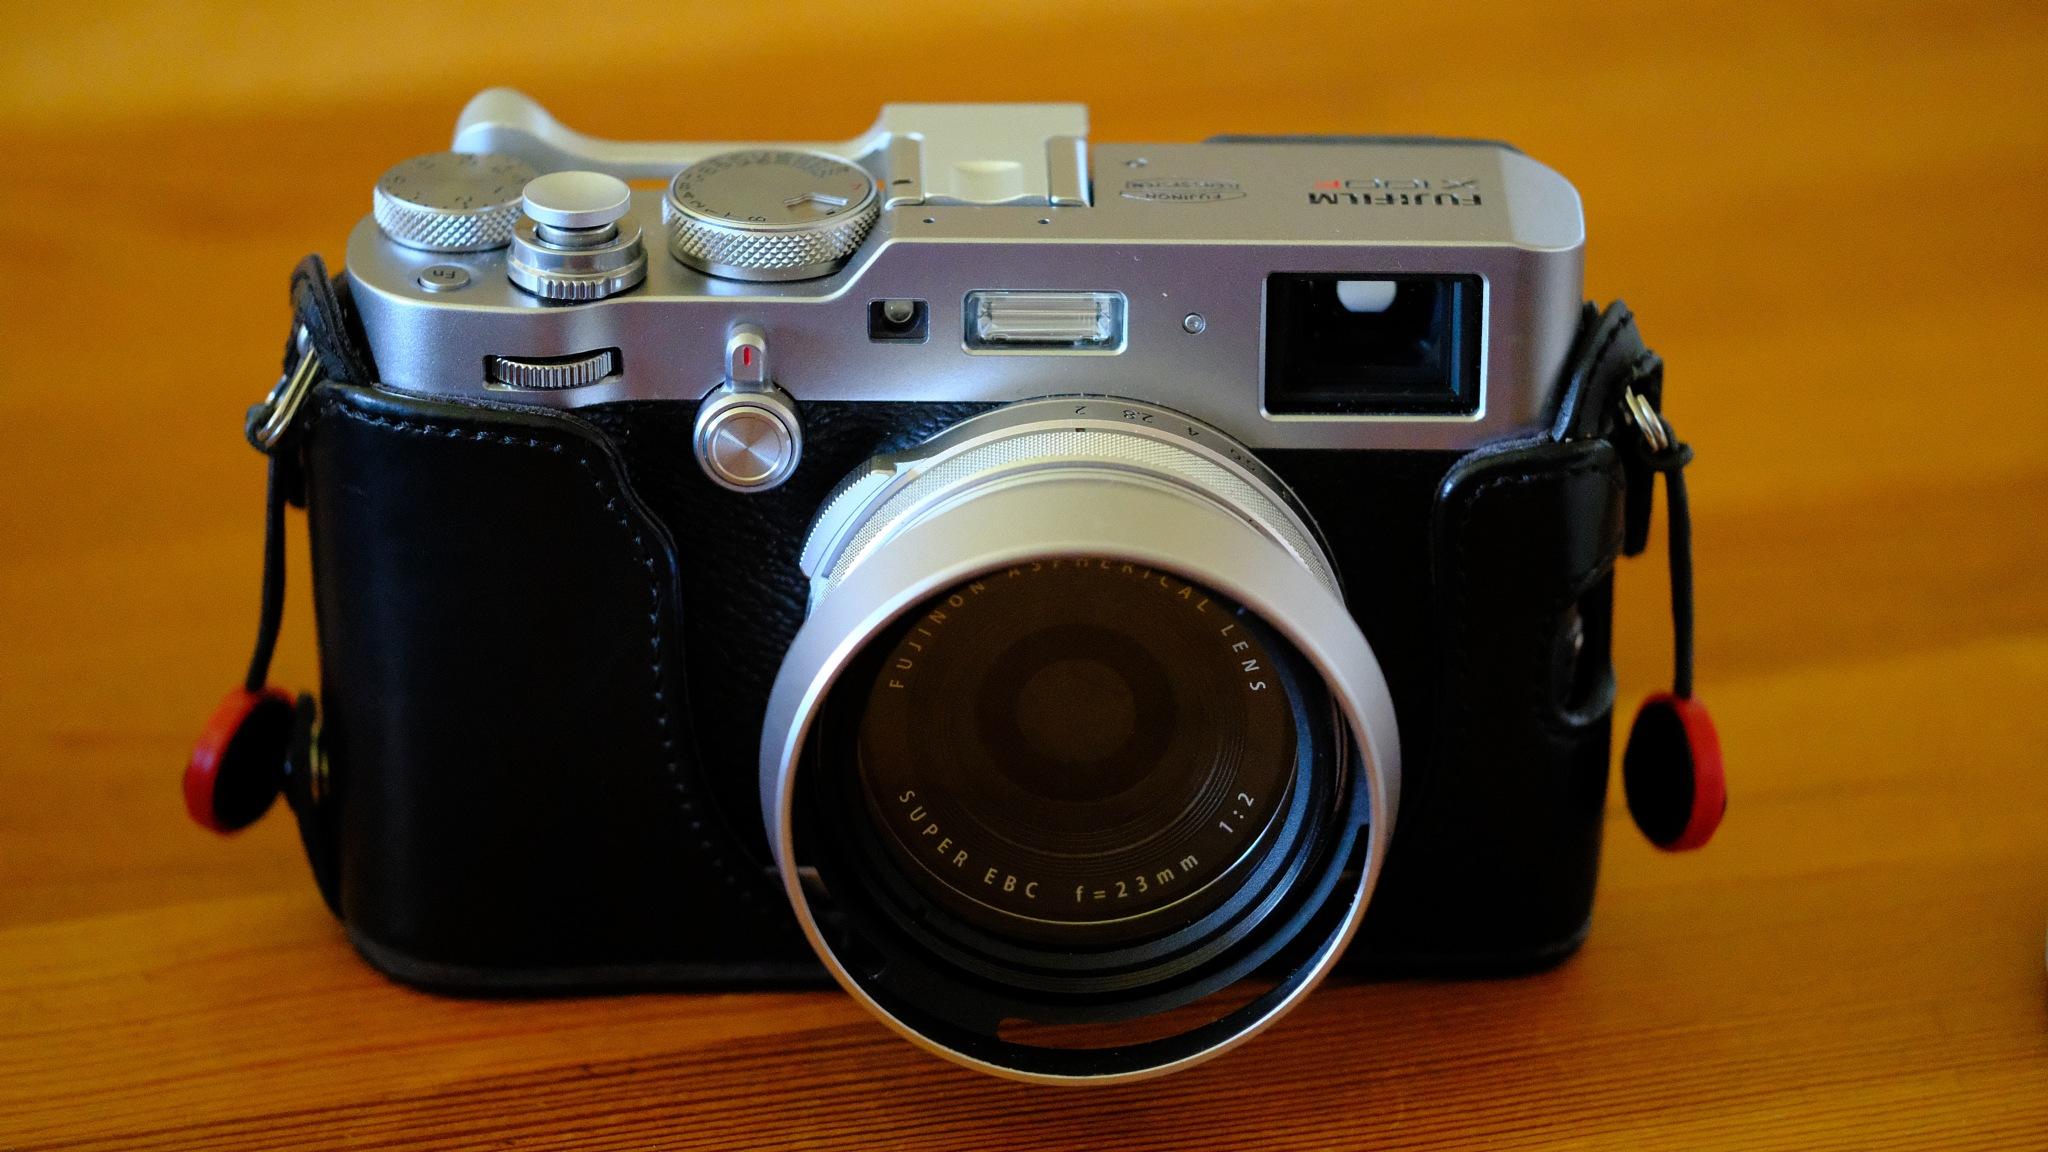 My Fantastic Fuji X100f... by Michael jjg